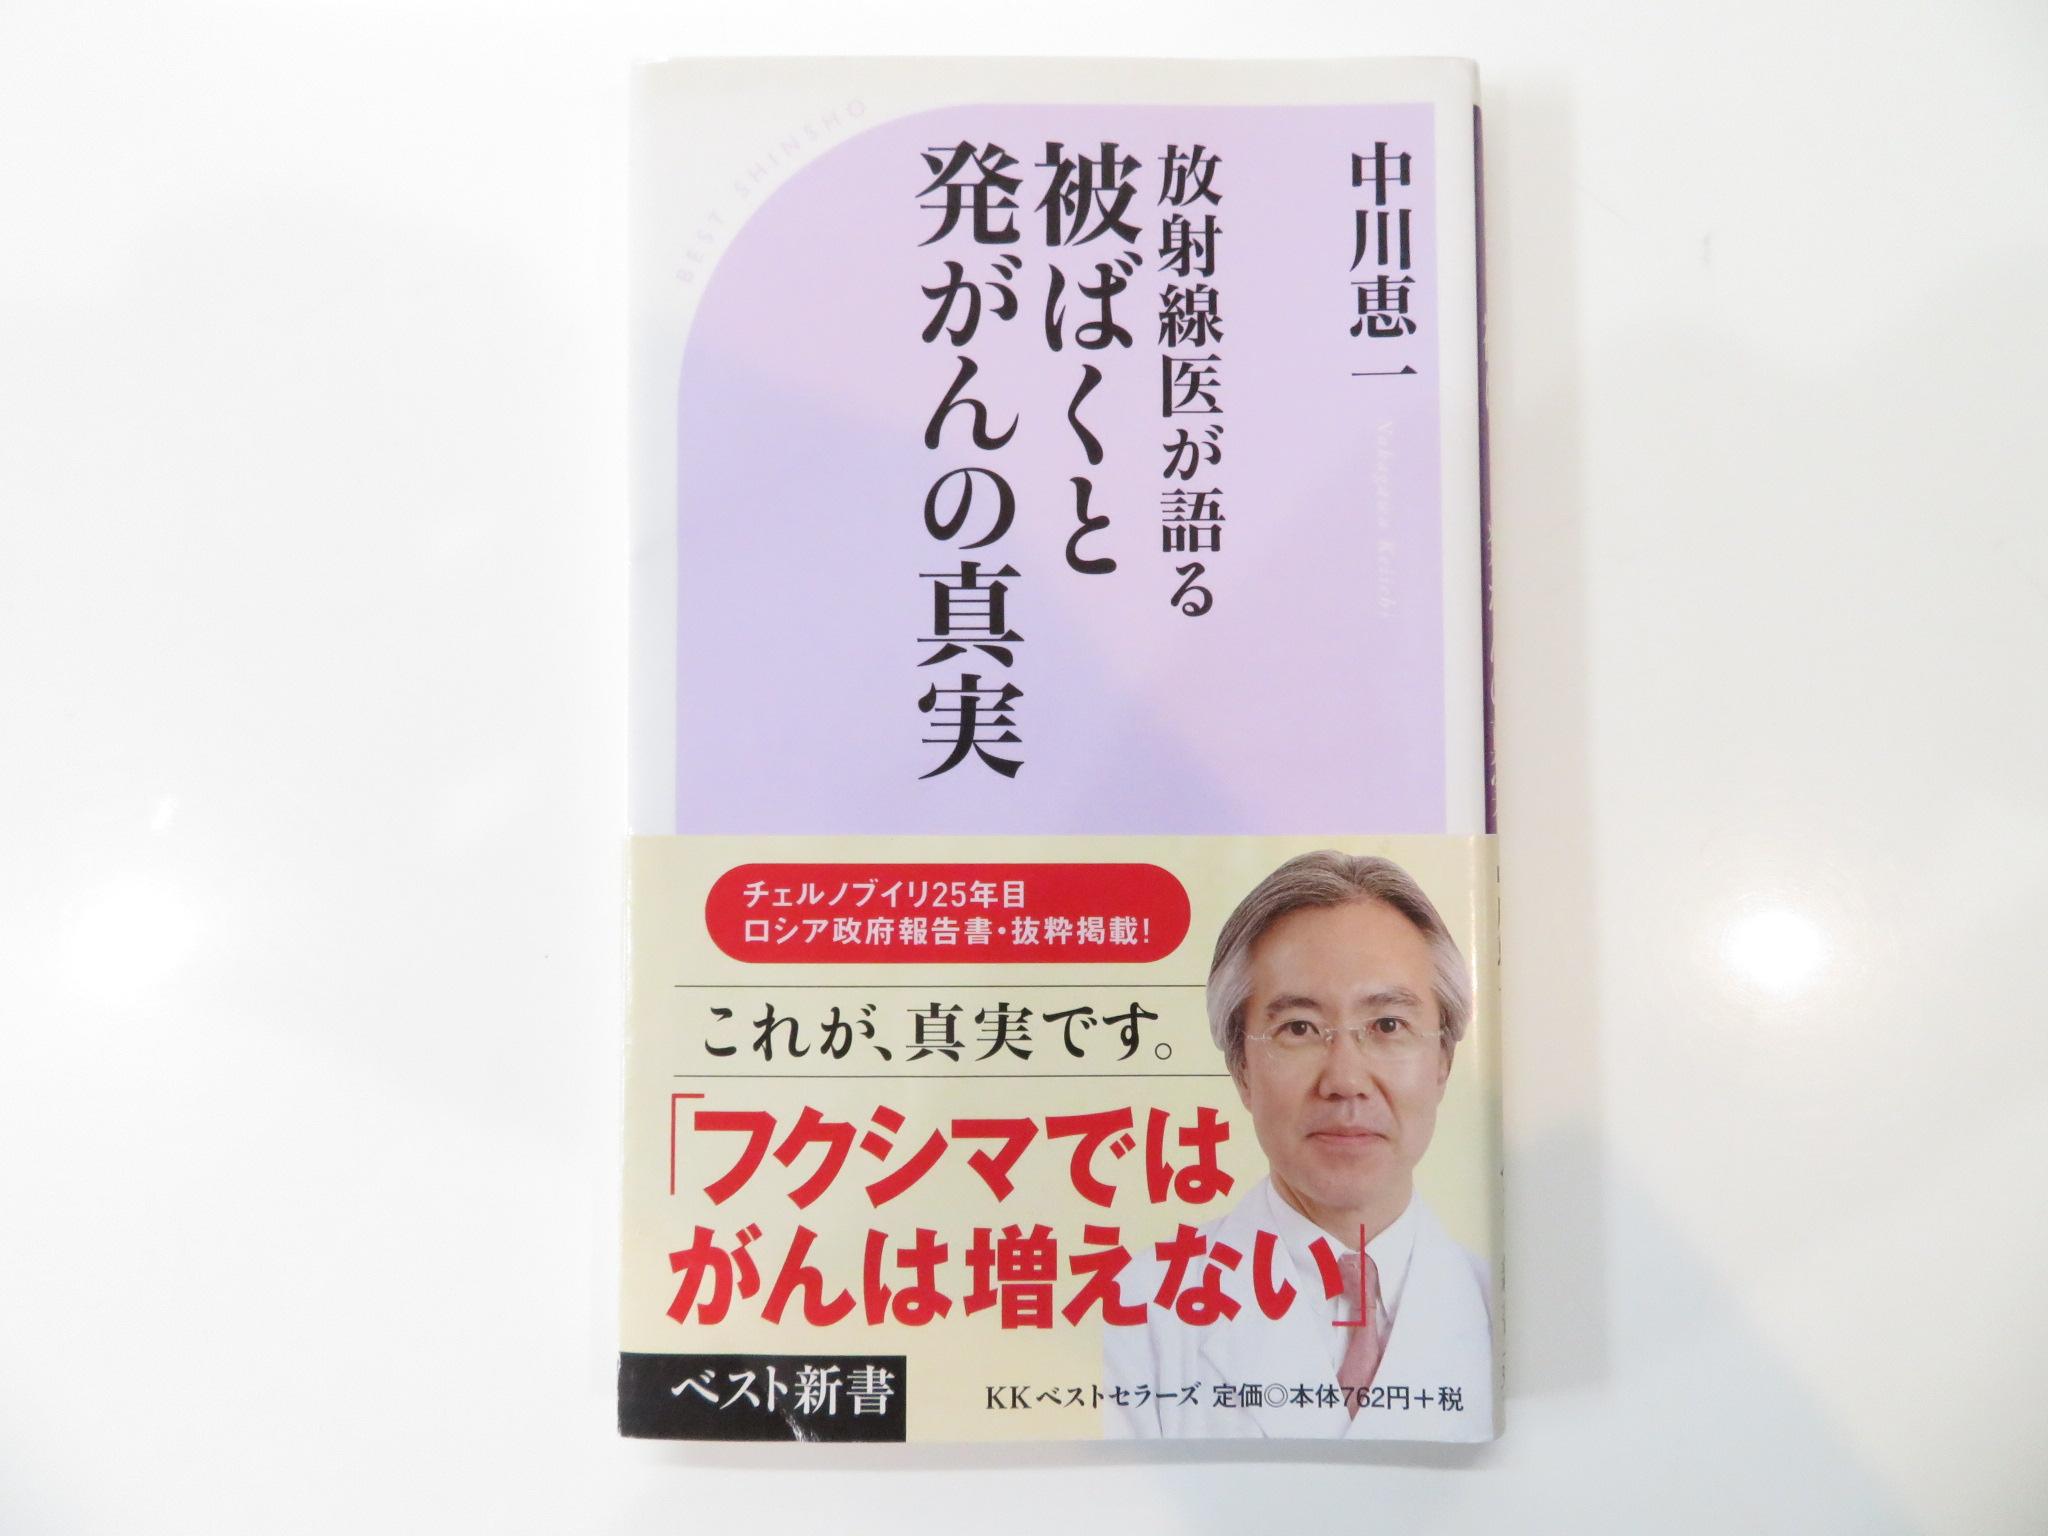 https://www.elashy-mise.jp/IMG_0240.JPG